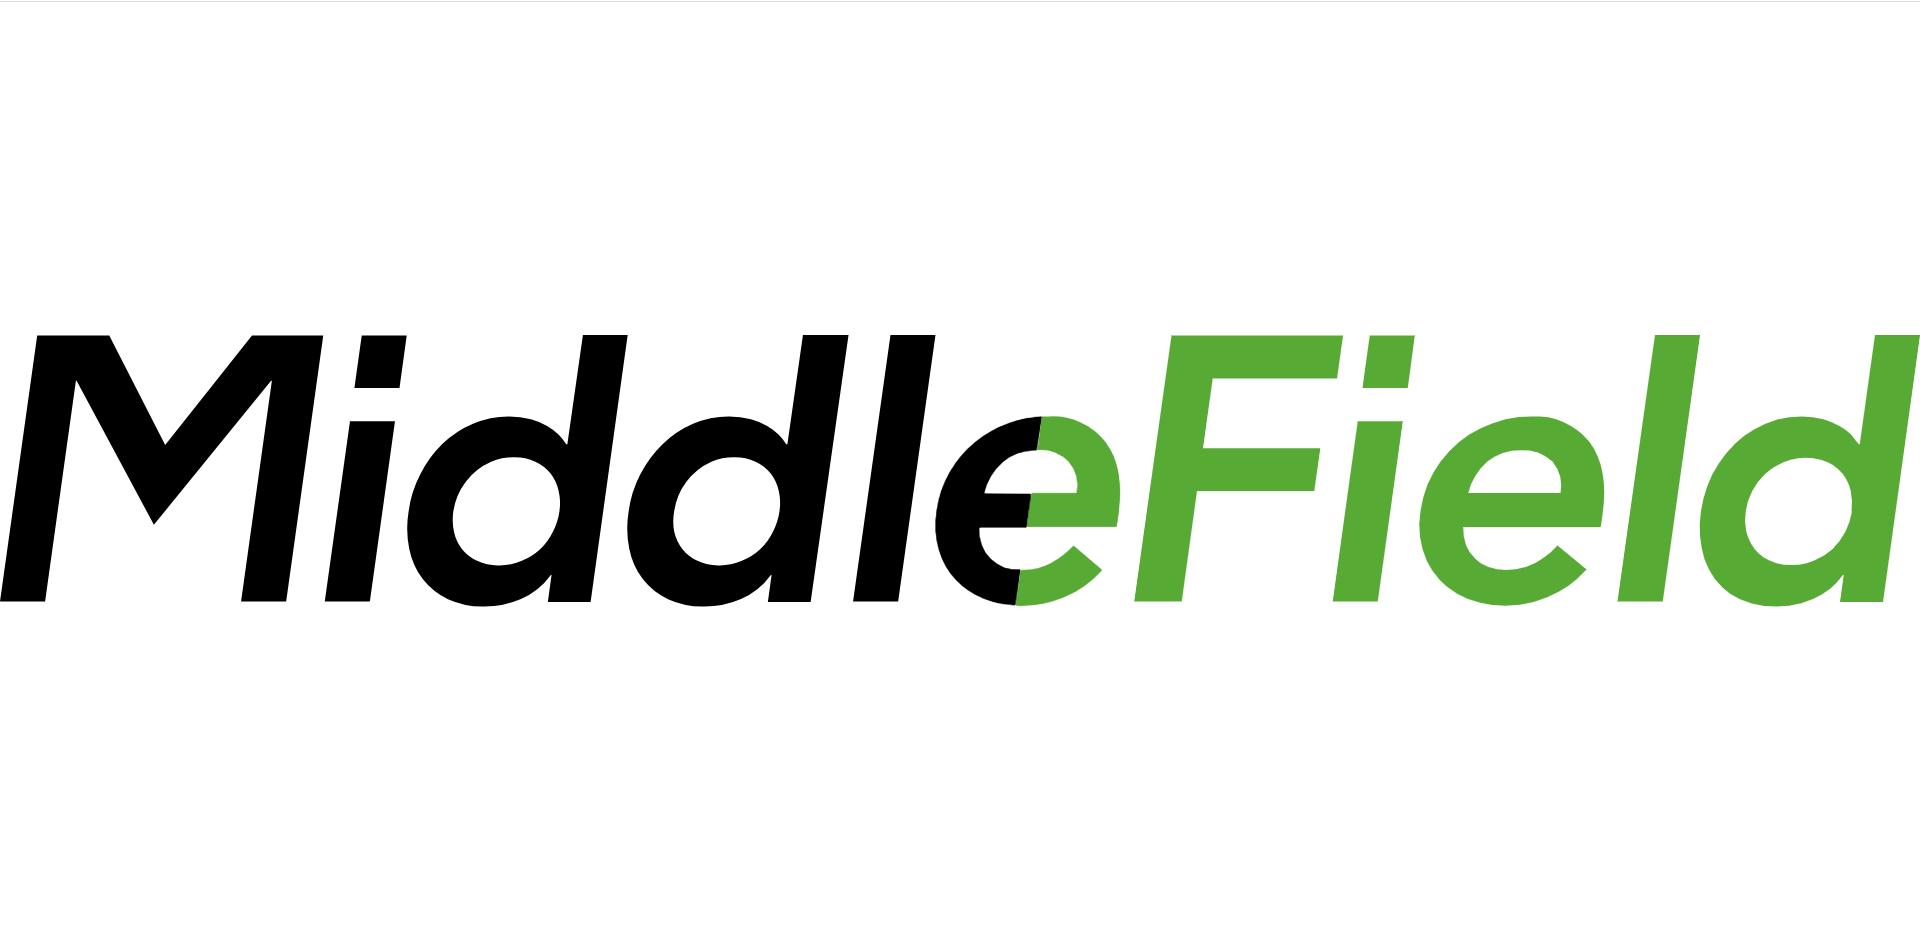 B76802d4e8 middlefield